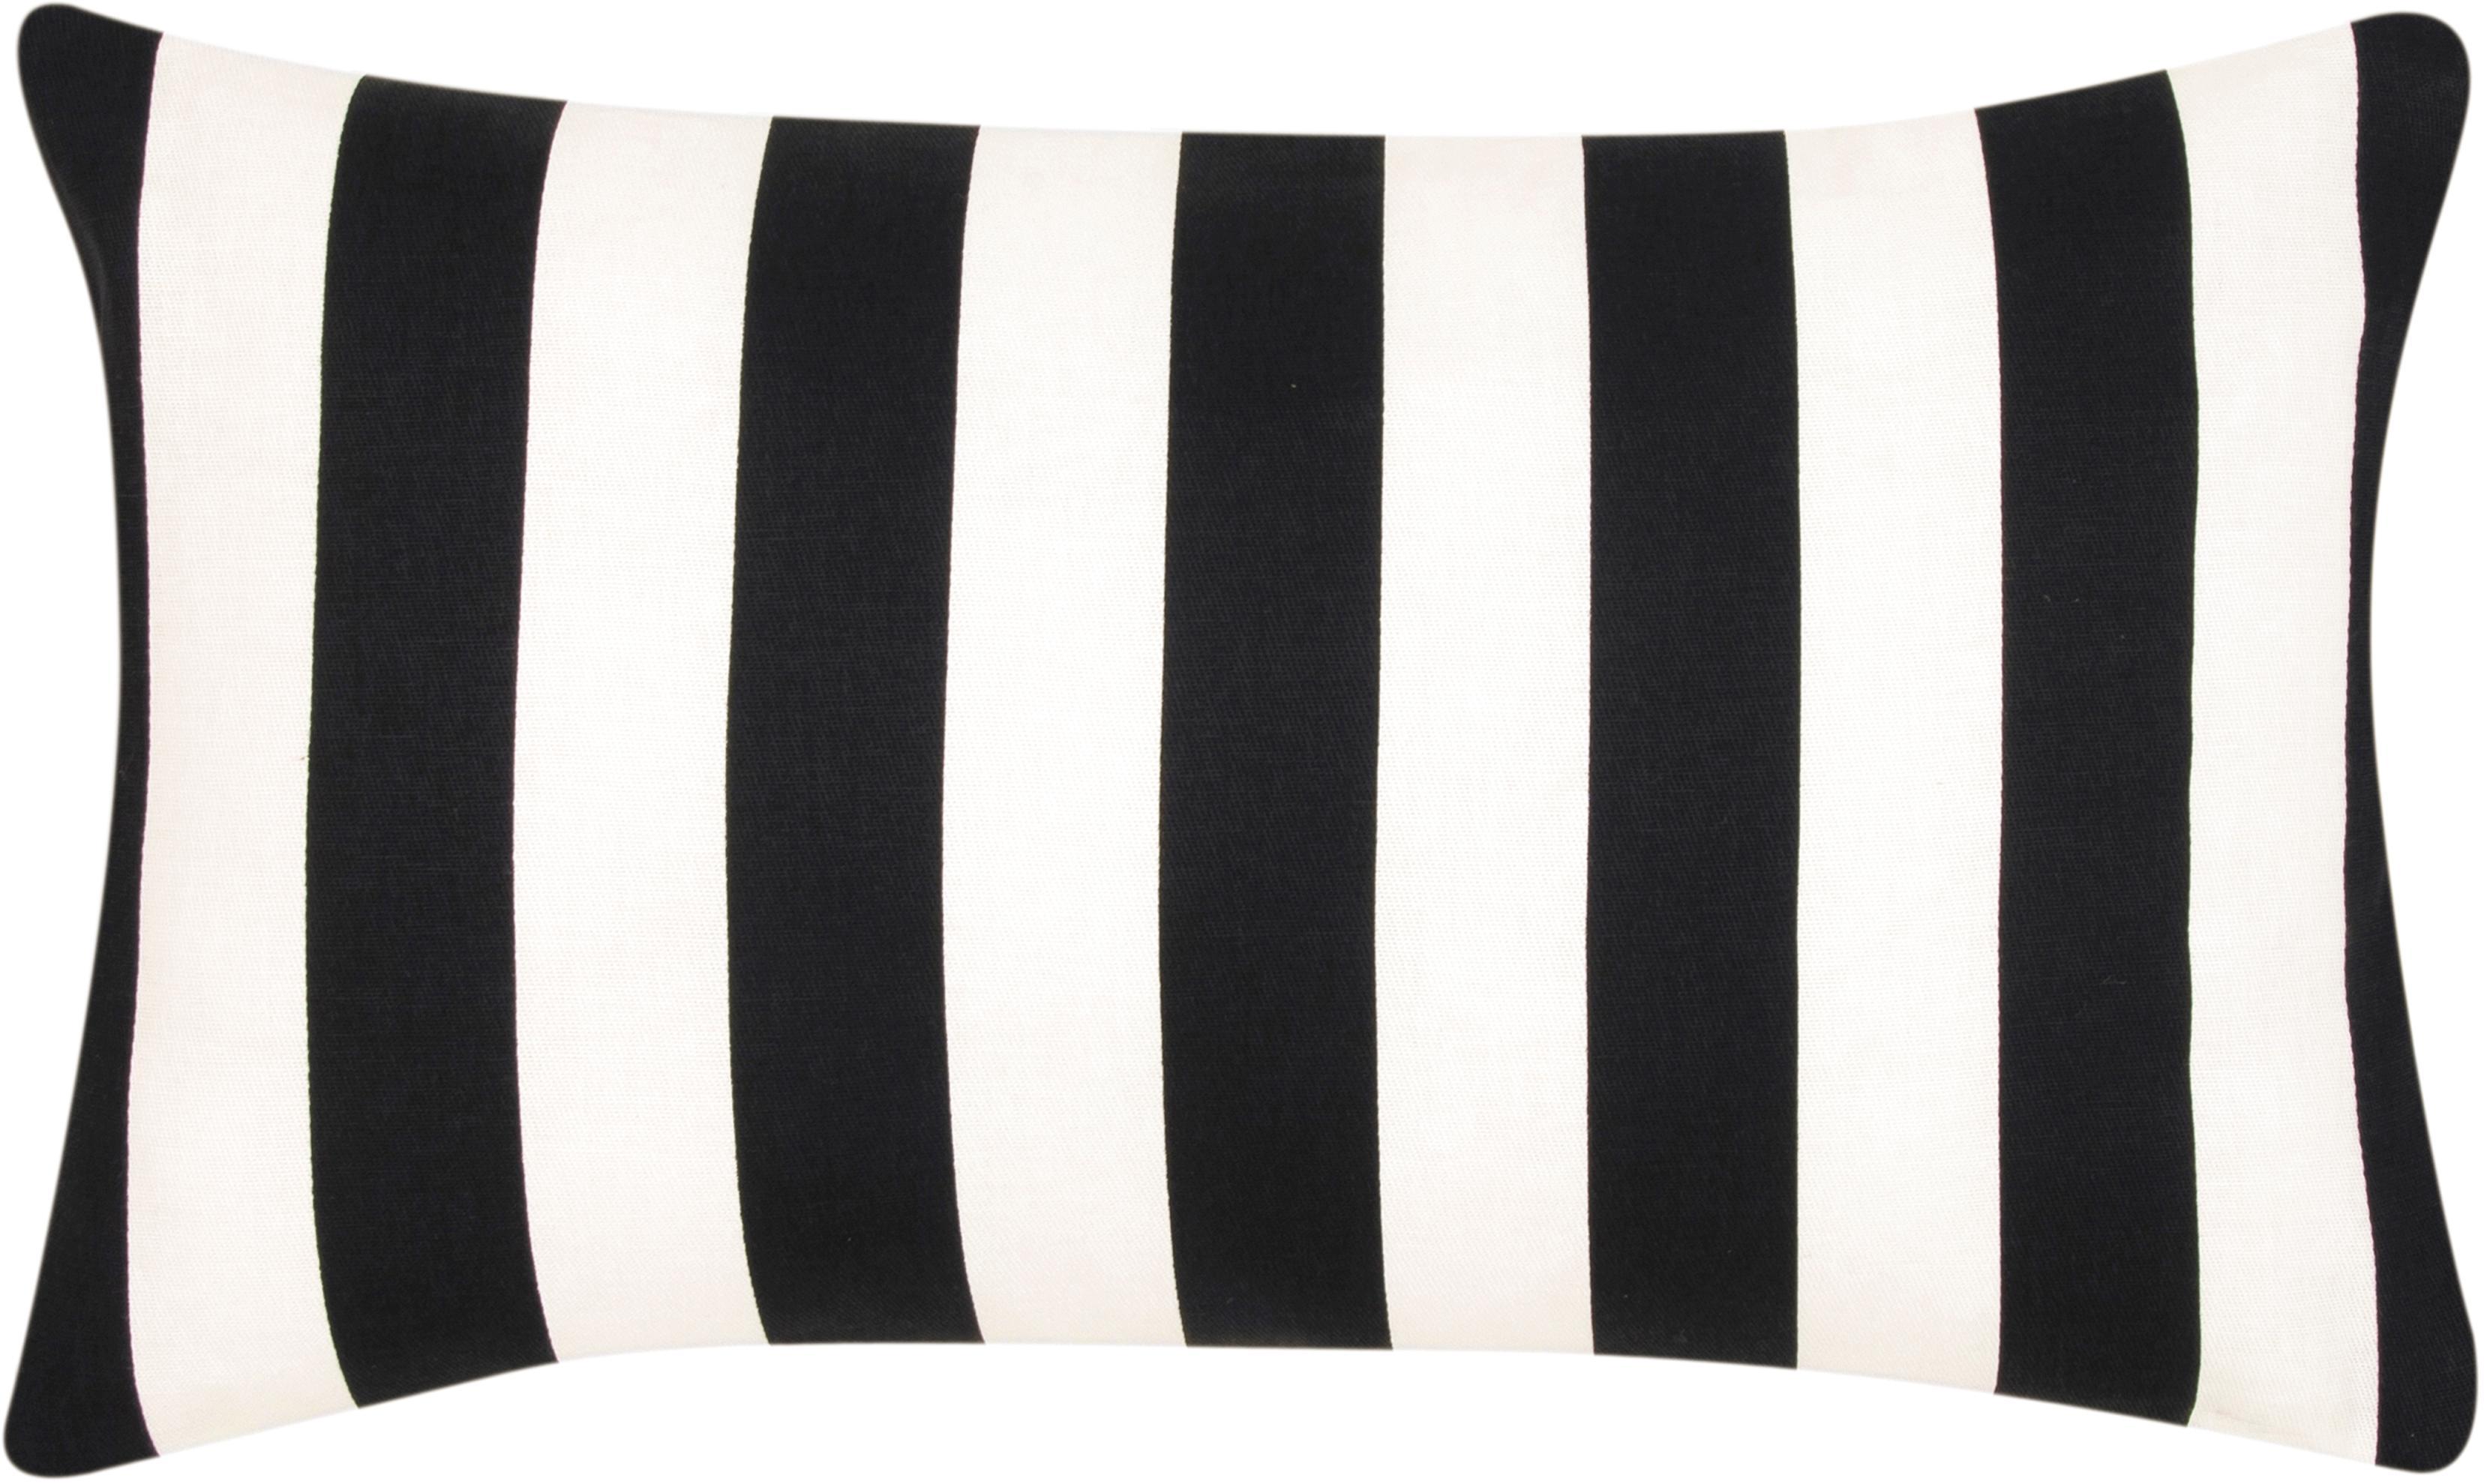 Federa arredo a righe in nero/bianco Timon, Cotone, Nero, bianco, Larg. 30 x Lung. 50 cm